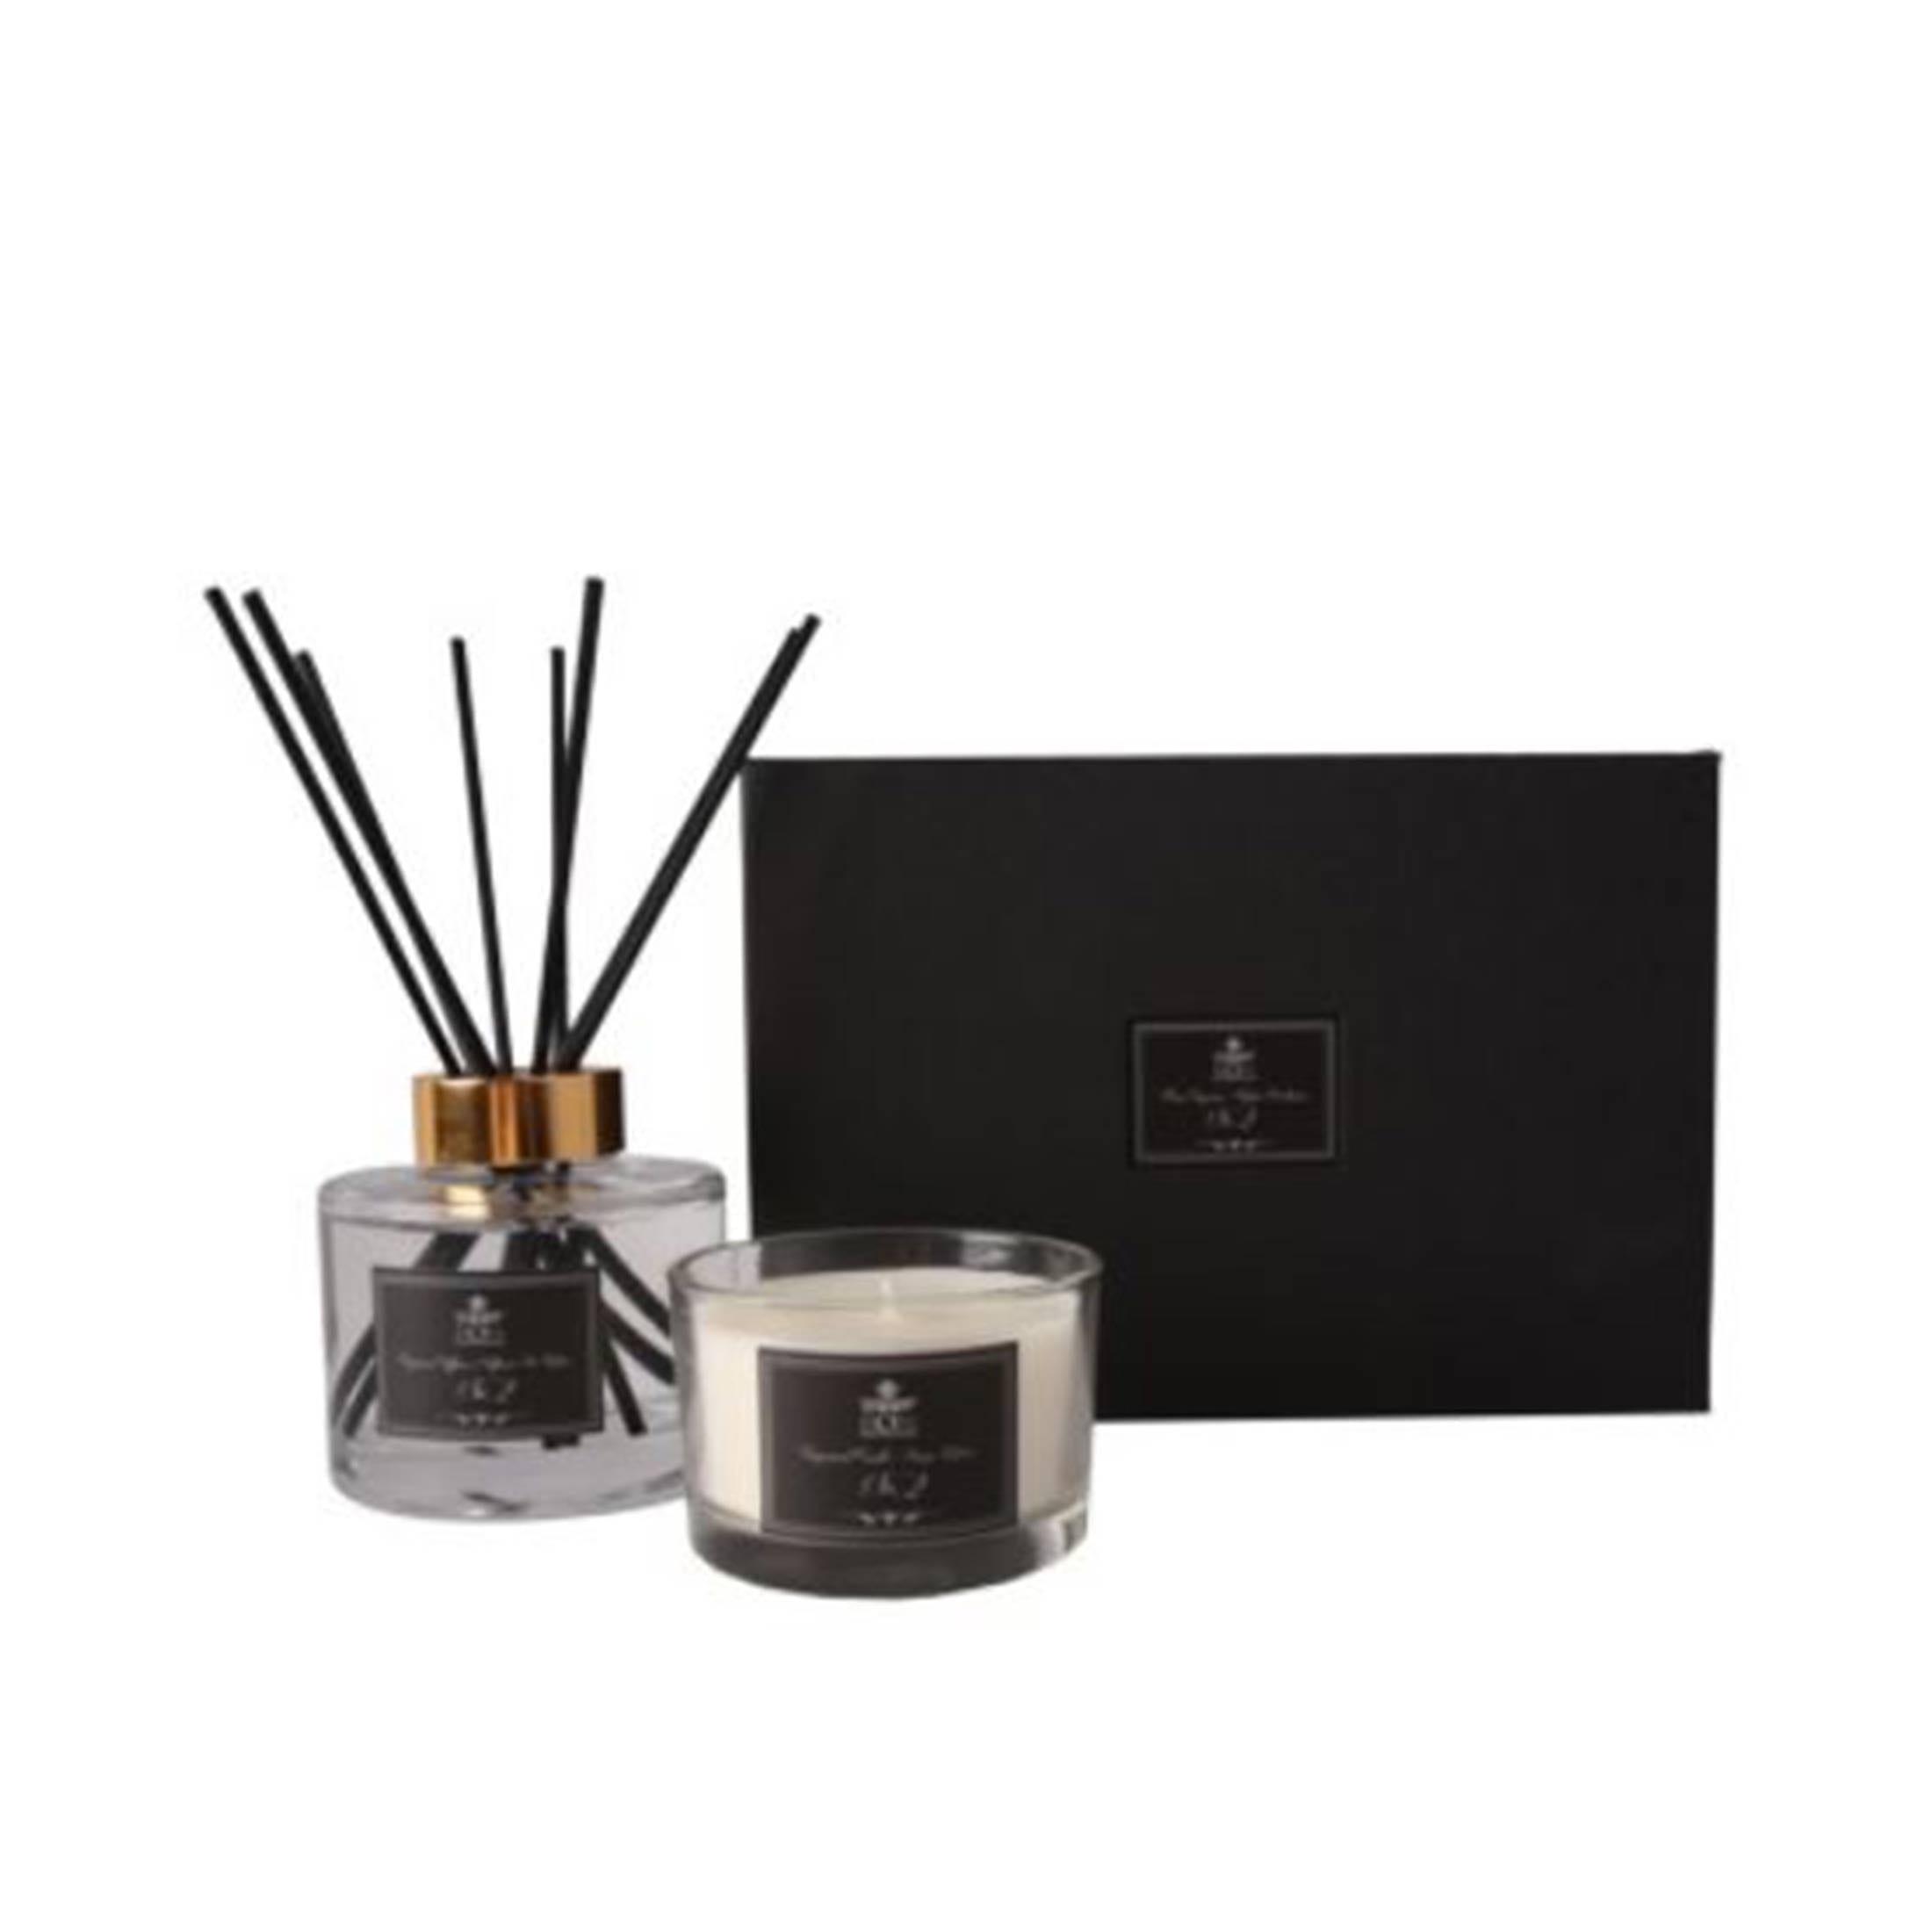 Duftkerze Geschenkset mit dem Duft No2 von der Marke C´est Bon. Geschenkset mit Düften zum Verschenken für Damen und Herren bei Soulbirdee kaufen